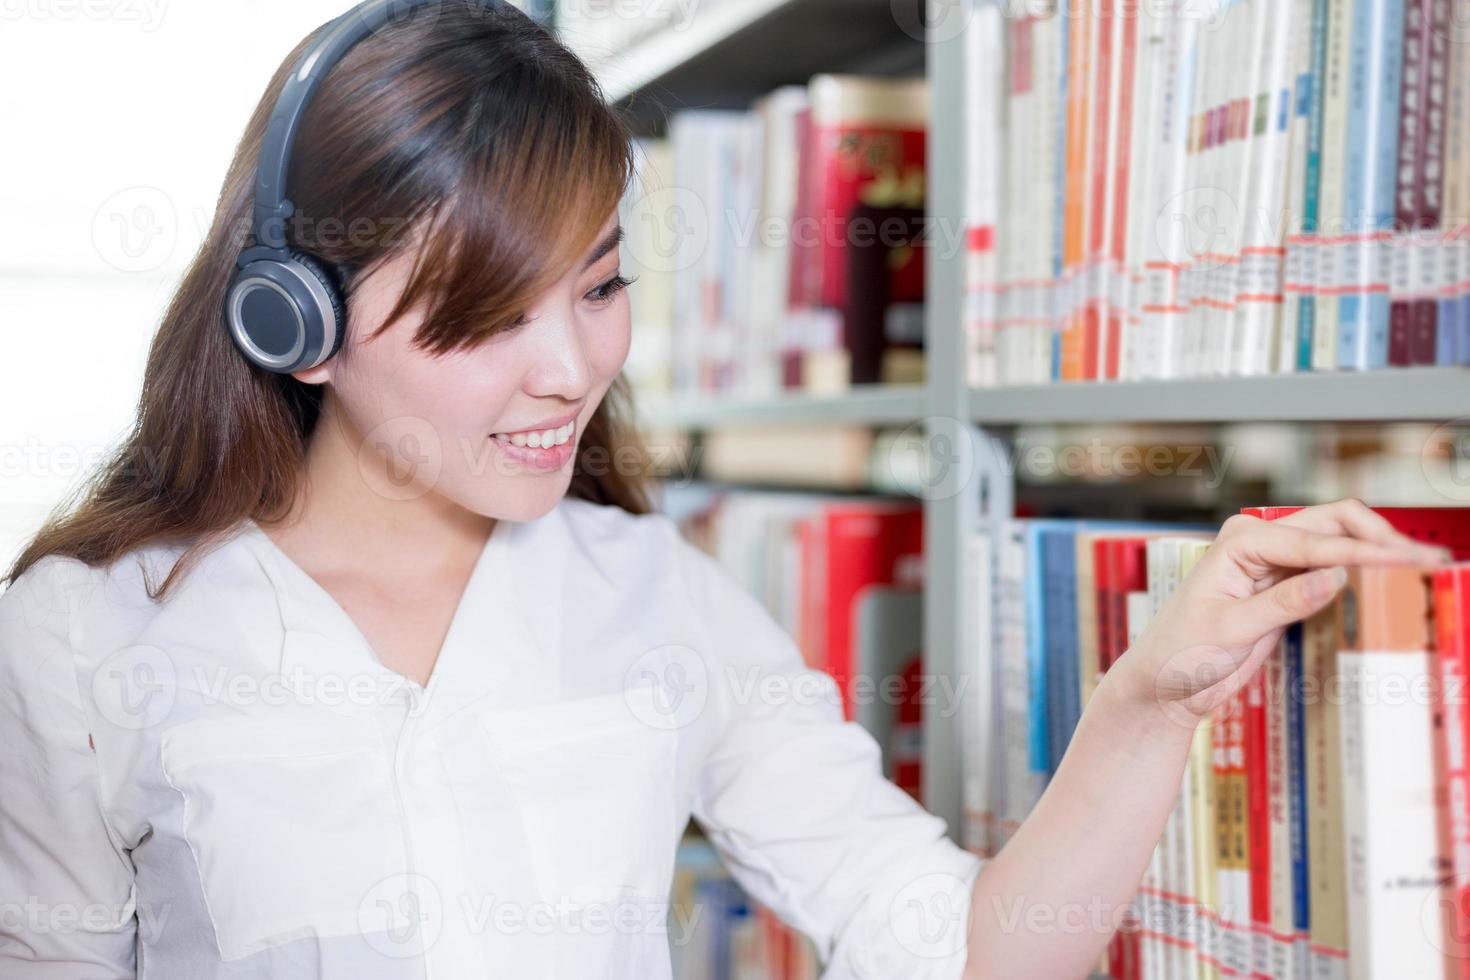 asiatische schöne Studentin Porträt in der Bibliothek foto